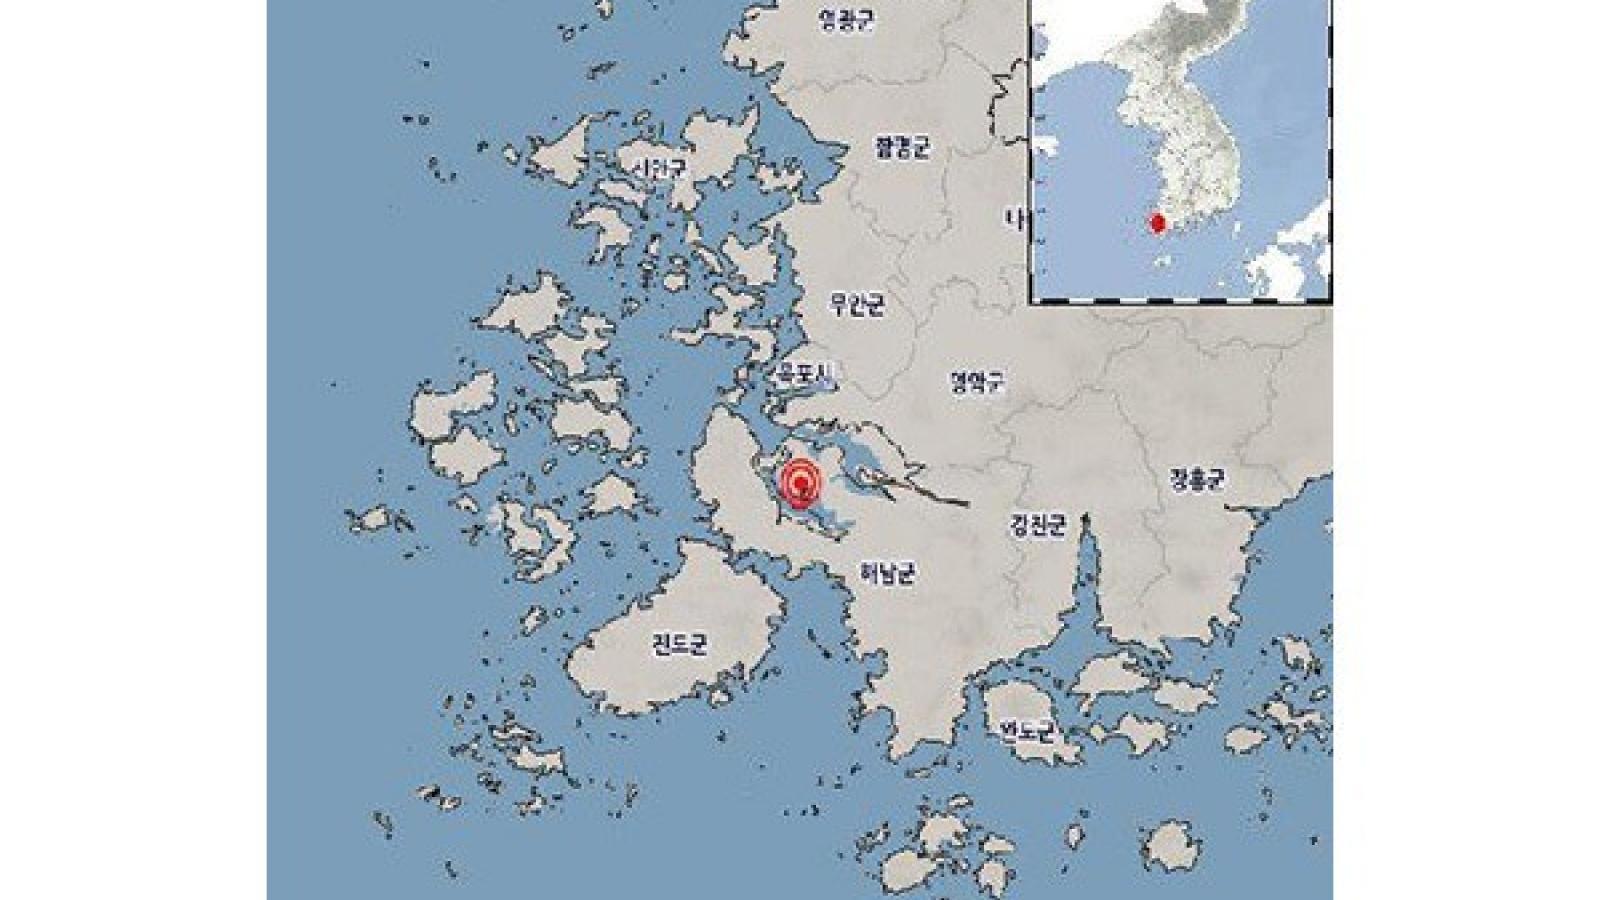 Hàn Quốc và Nhật Bản liên tiếp tiếp hứng chịu động đất và rung chấn